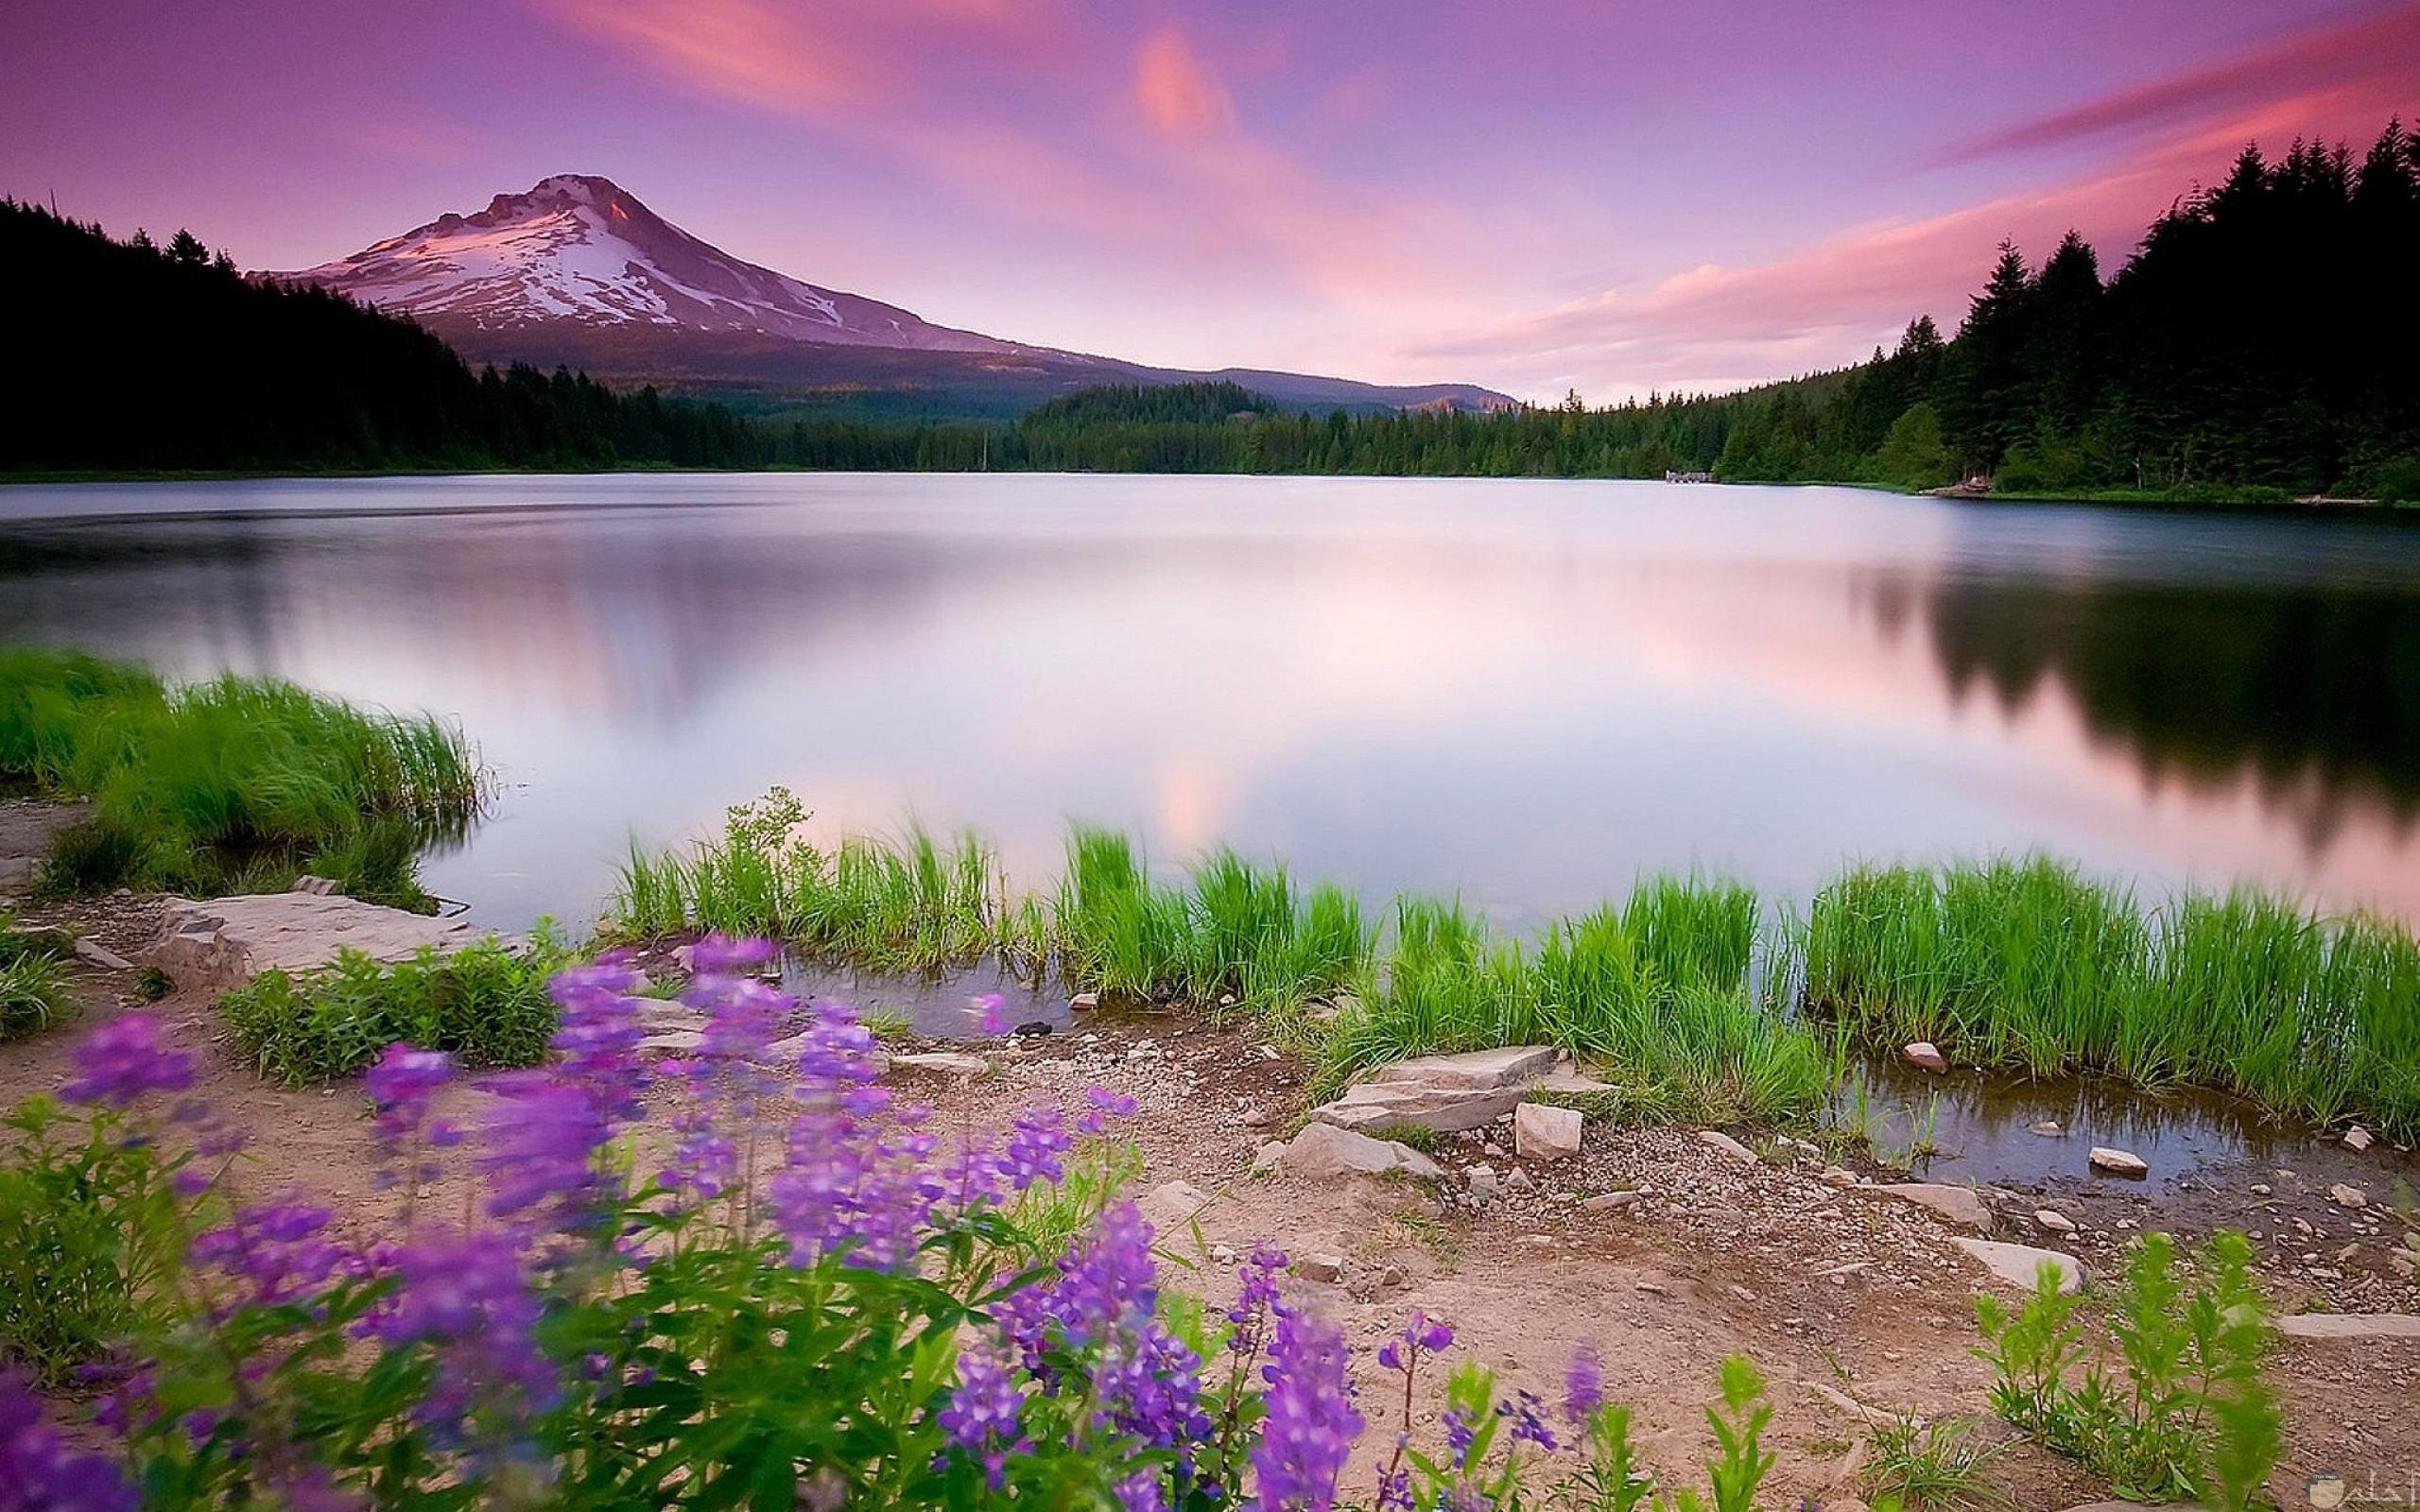 اجمل صور الطبيعة الخلابة 11